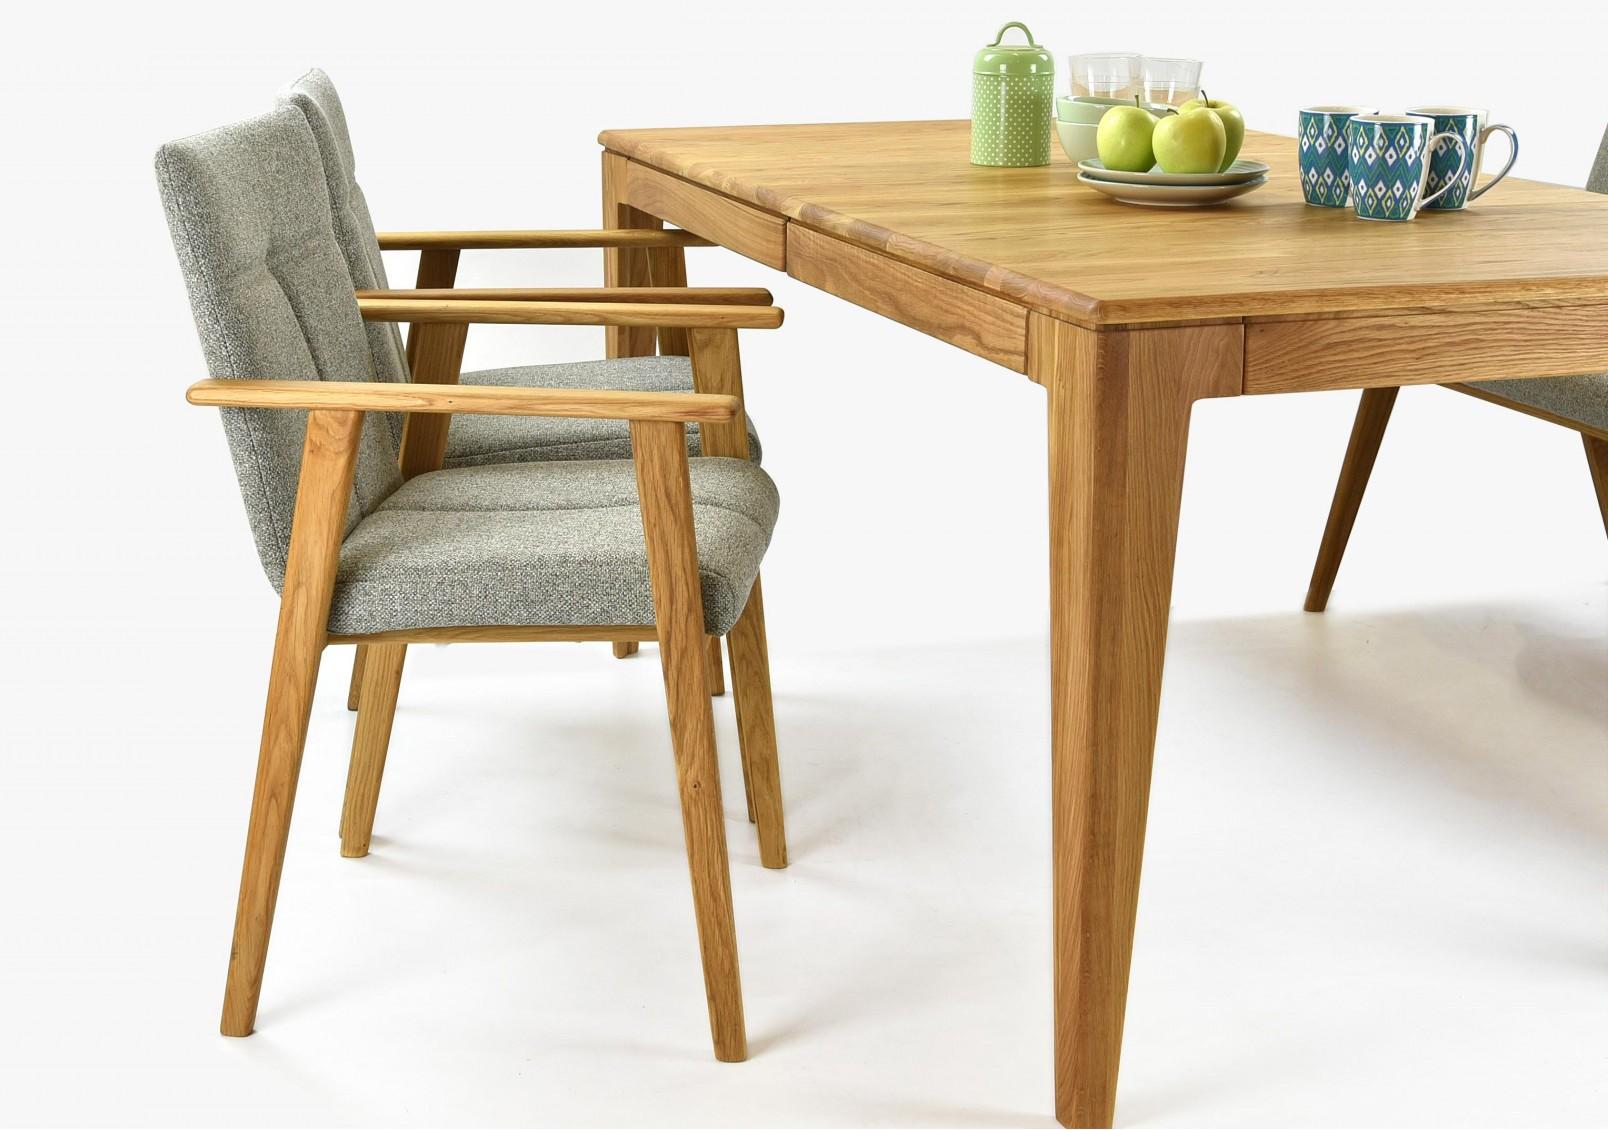 ee92001c498ee Drevený jedálenský stôl a stoličky